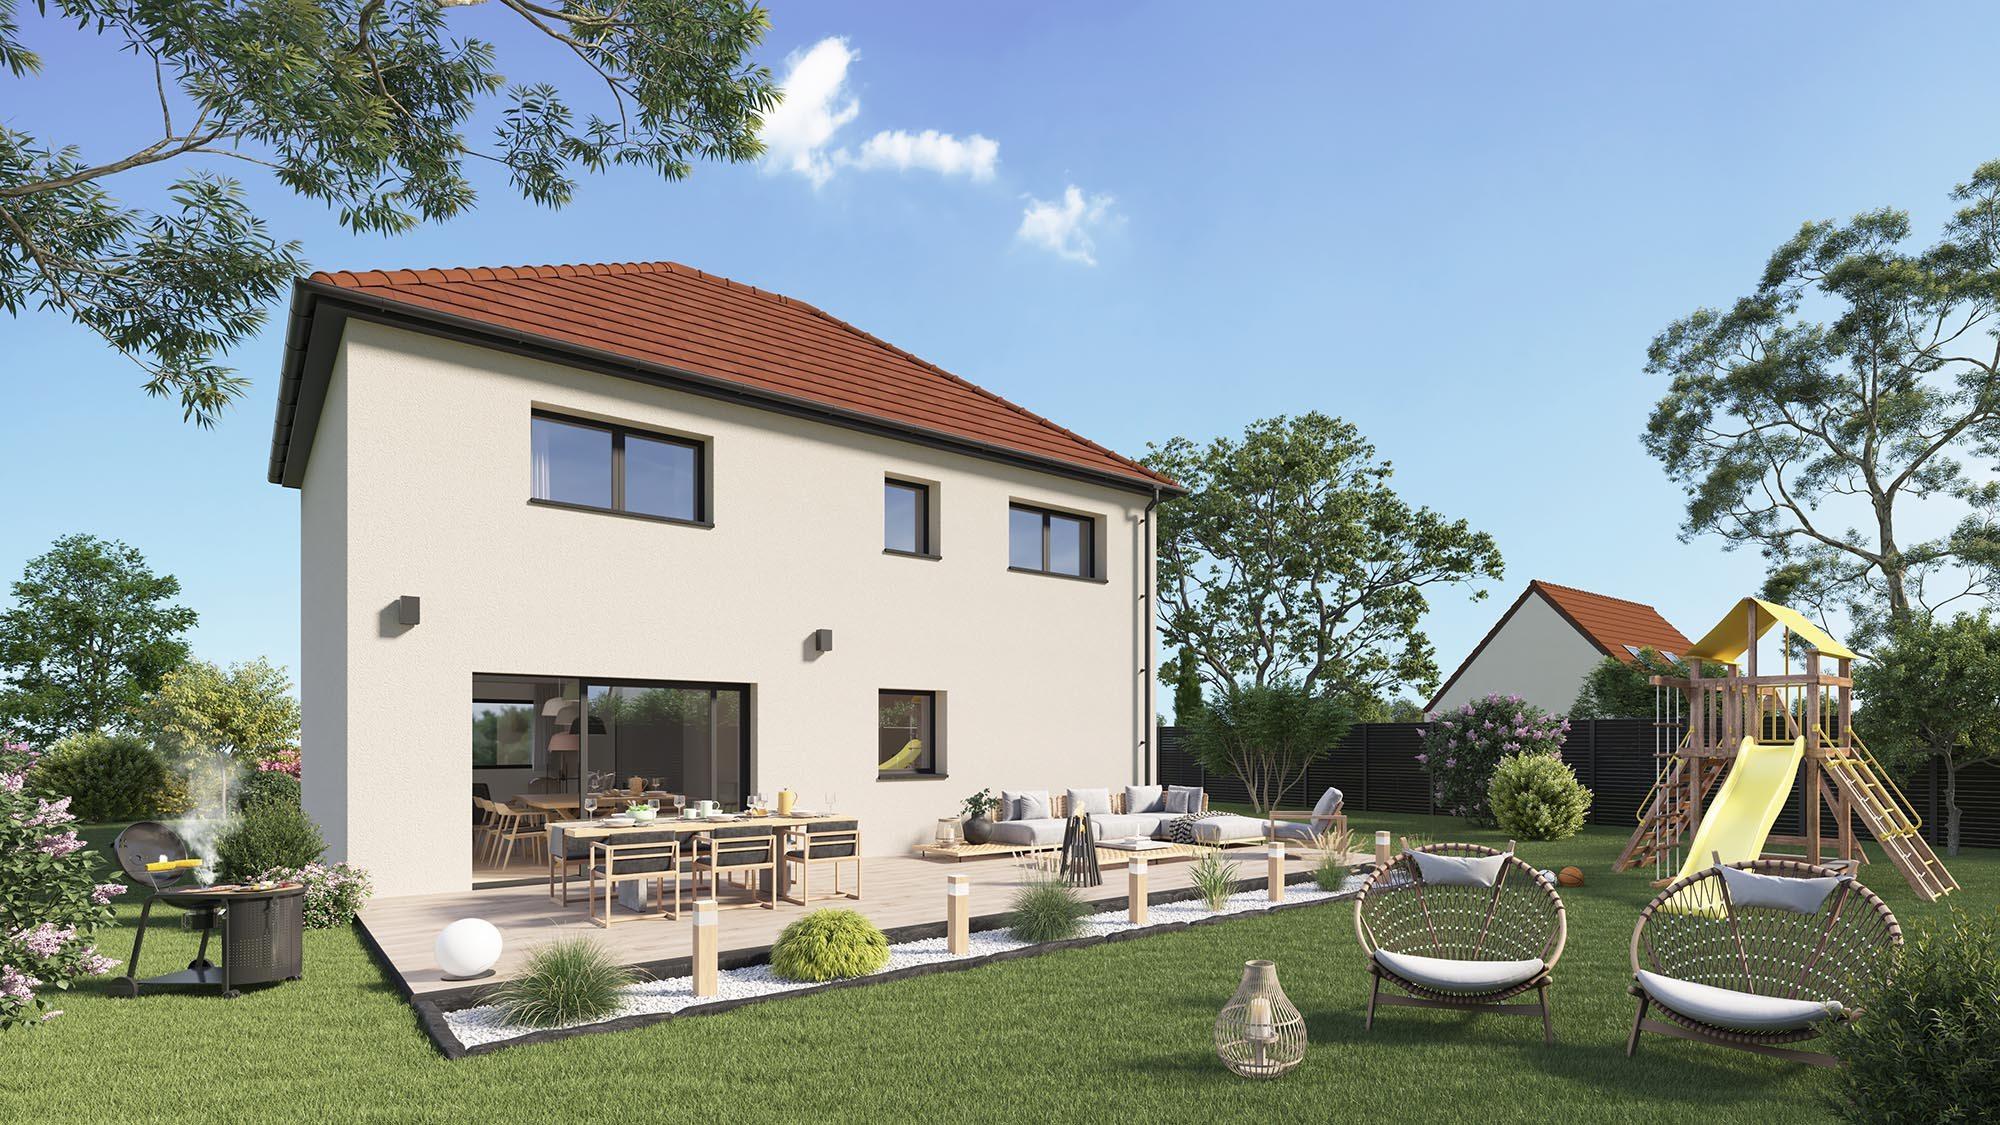 Maisons + Terrains du constructeur Maison Castor Rouen • 116 m² • SAINT DENIS LE THIBOULT